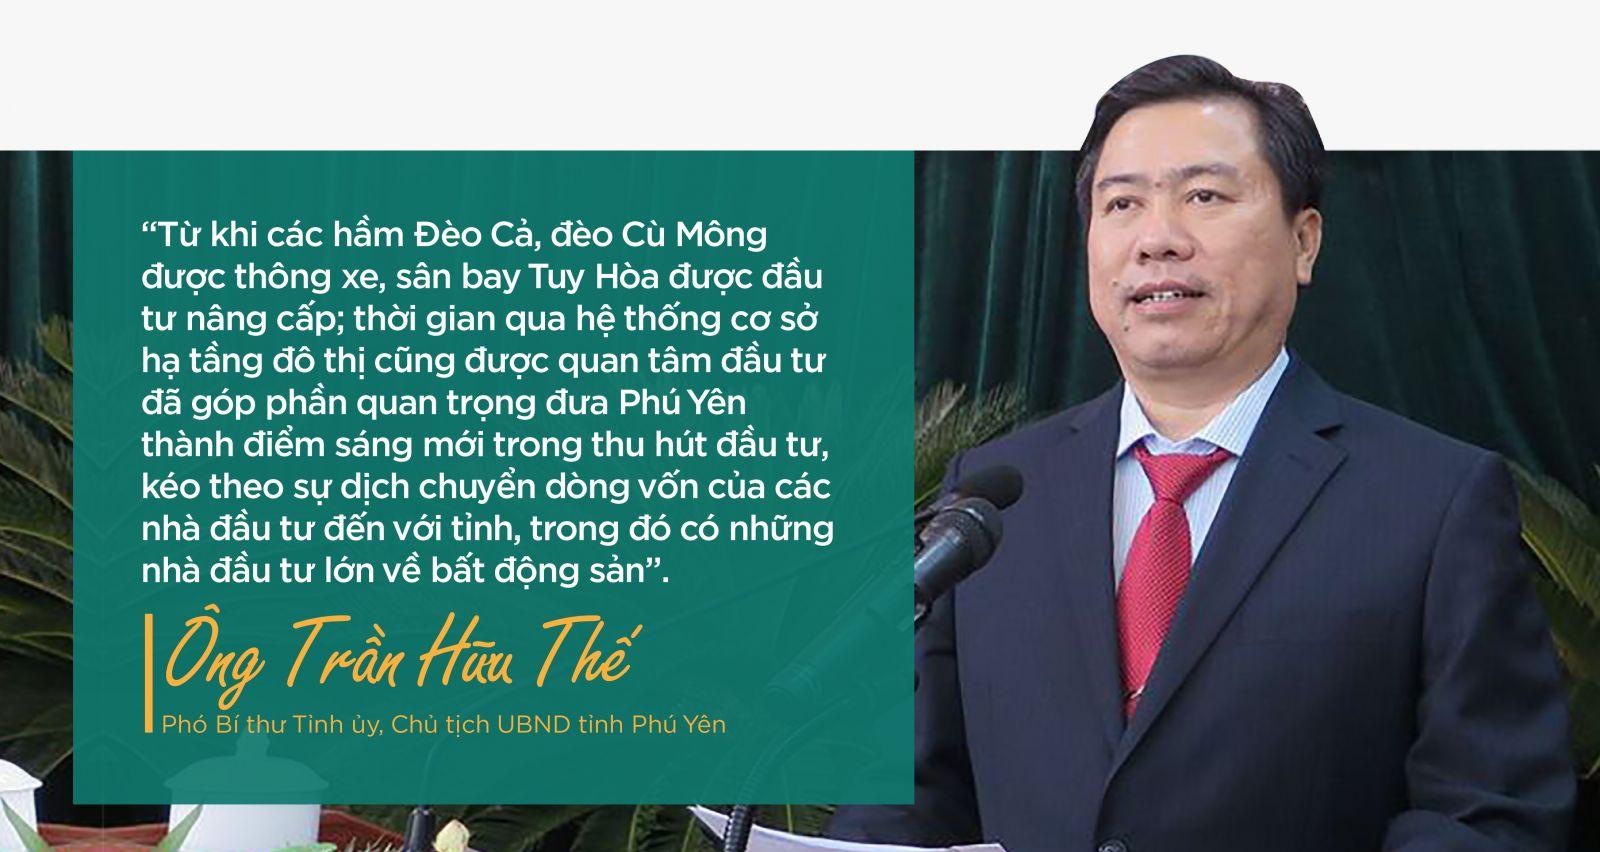 Chủ tịch UBND Phú Yên